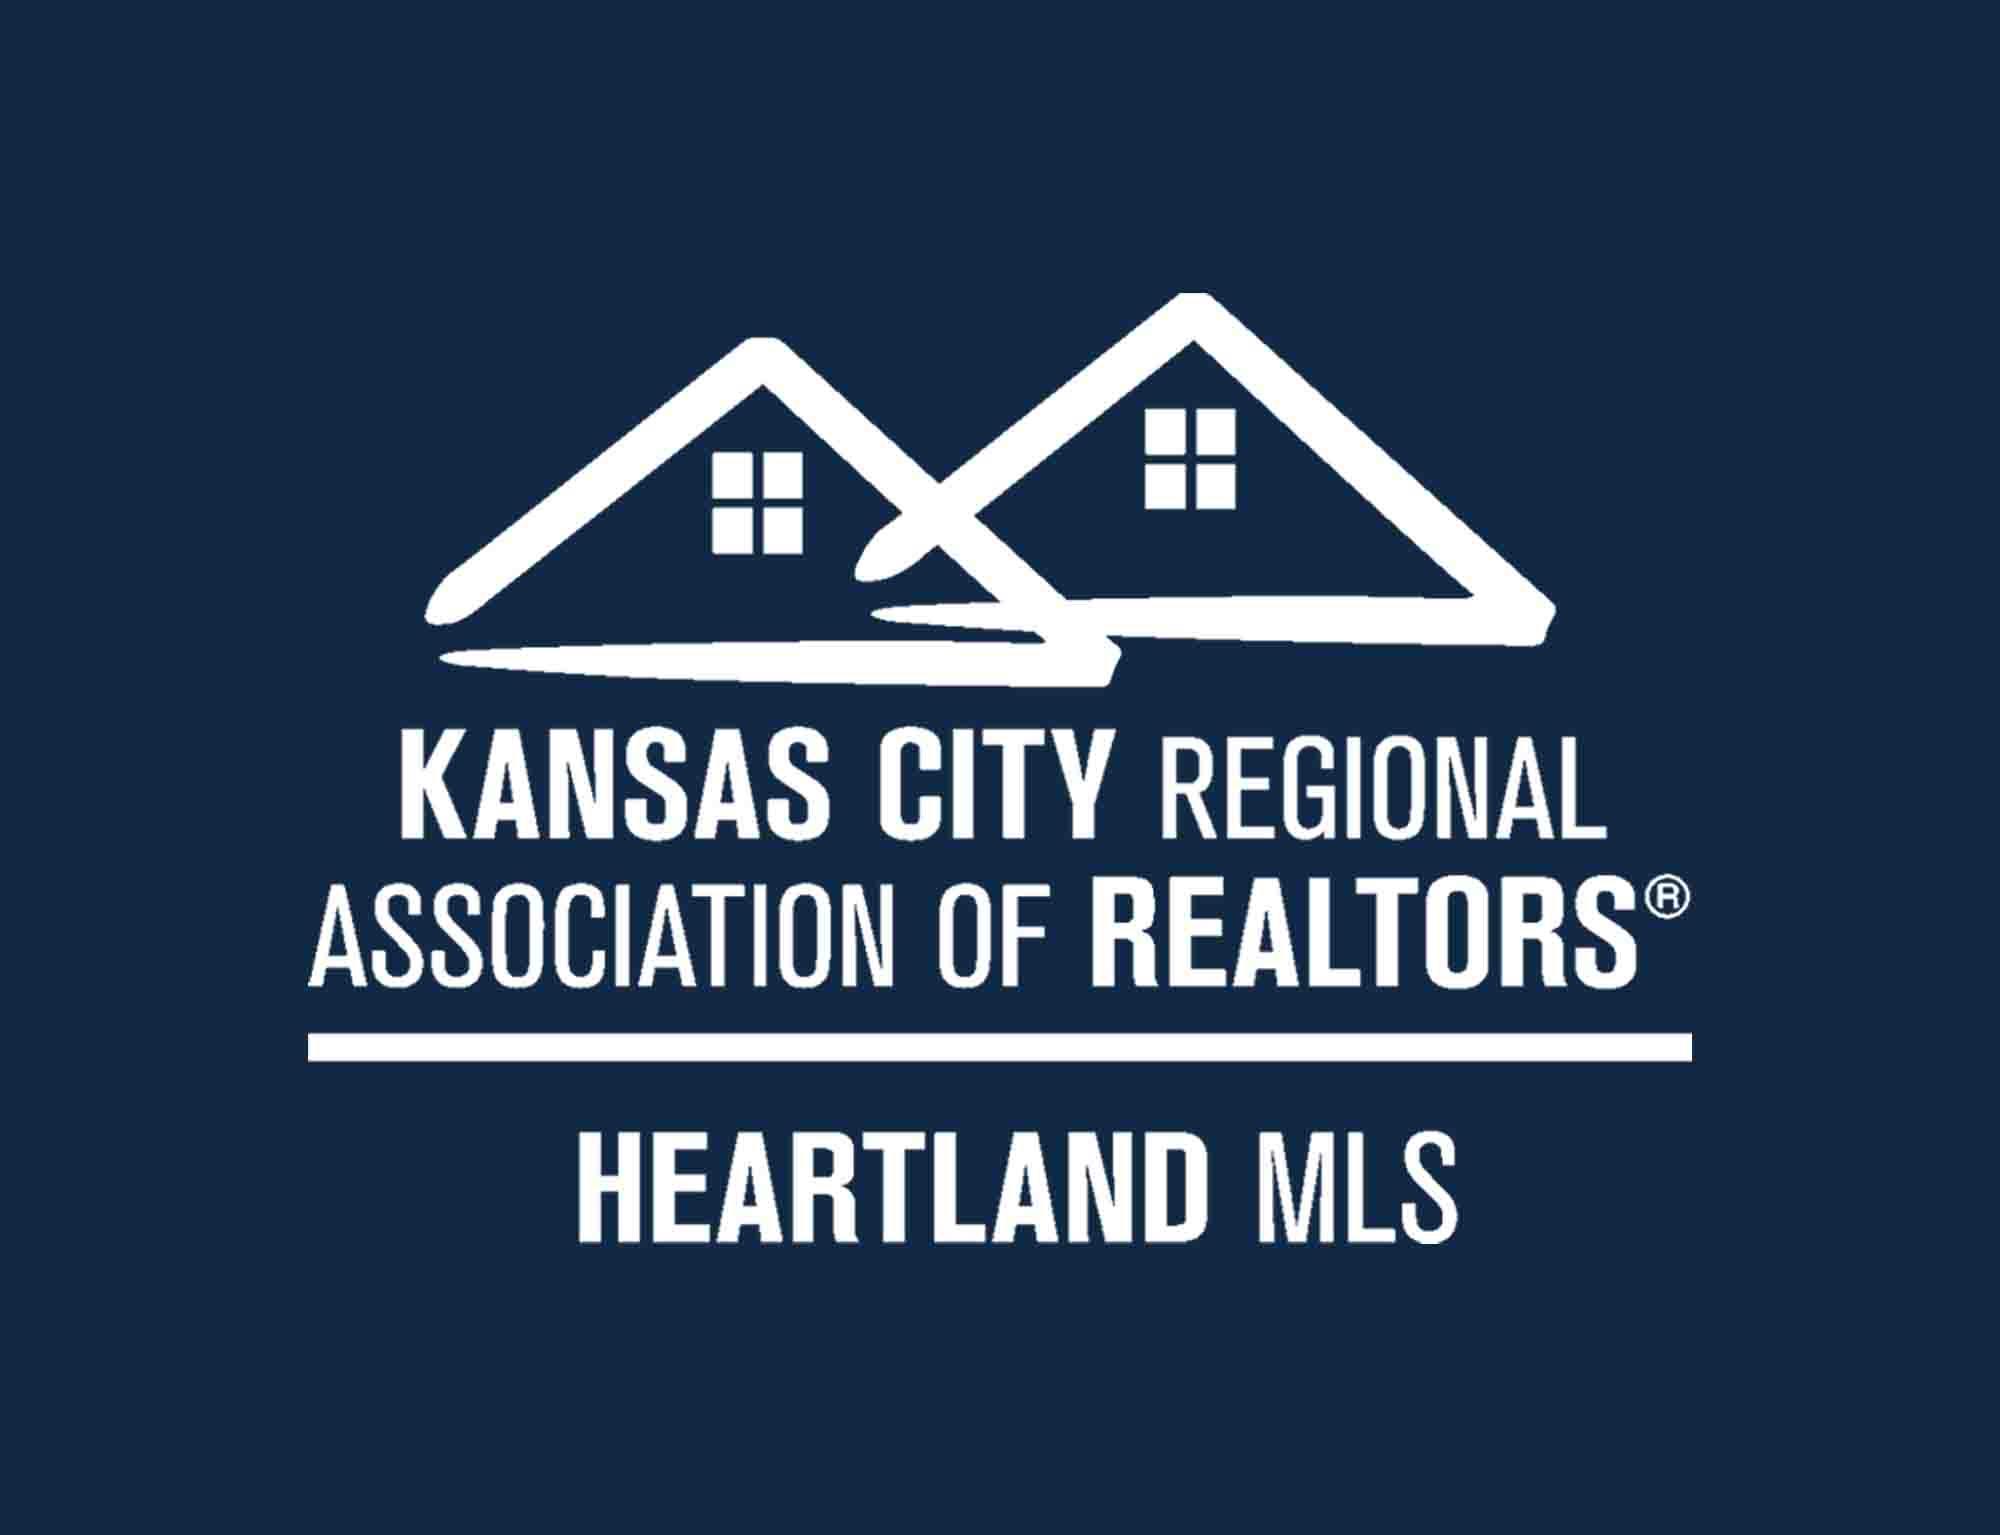 KC Realtors Association